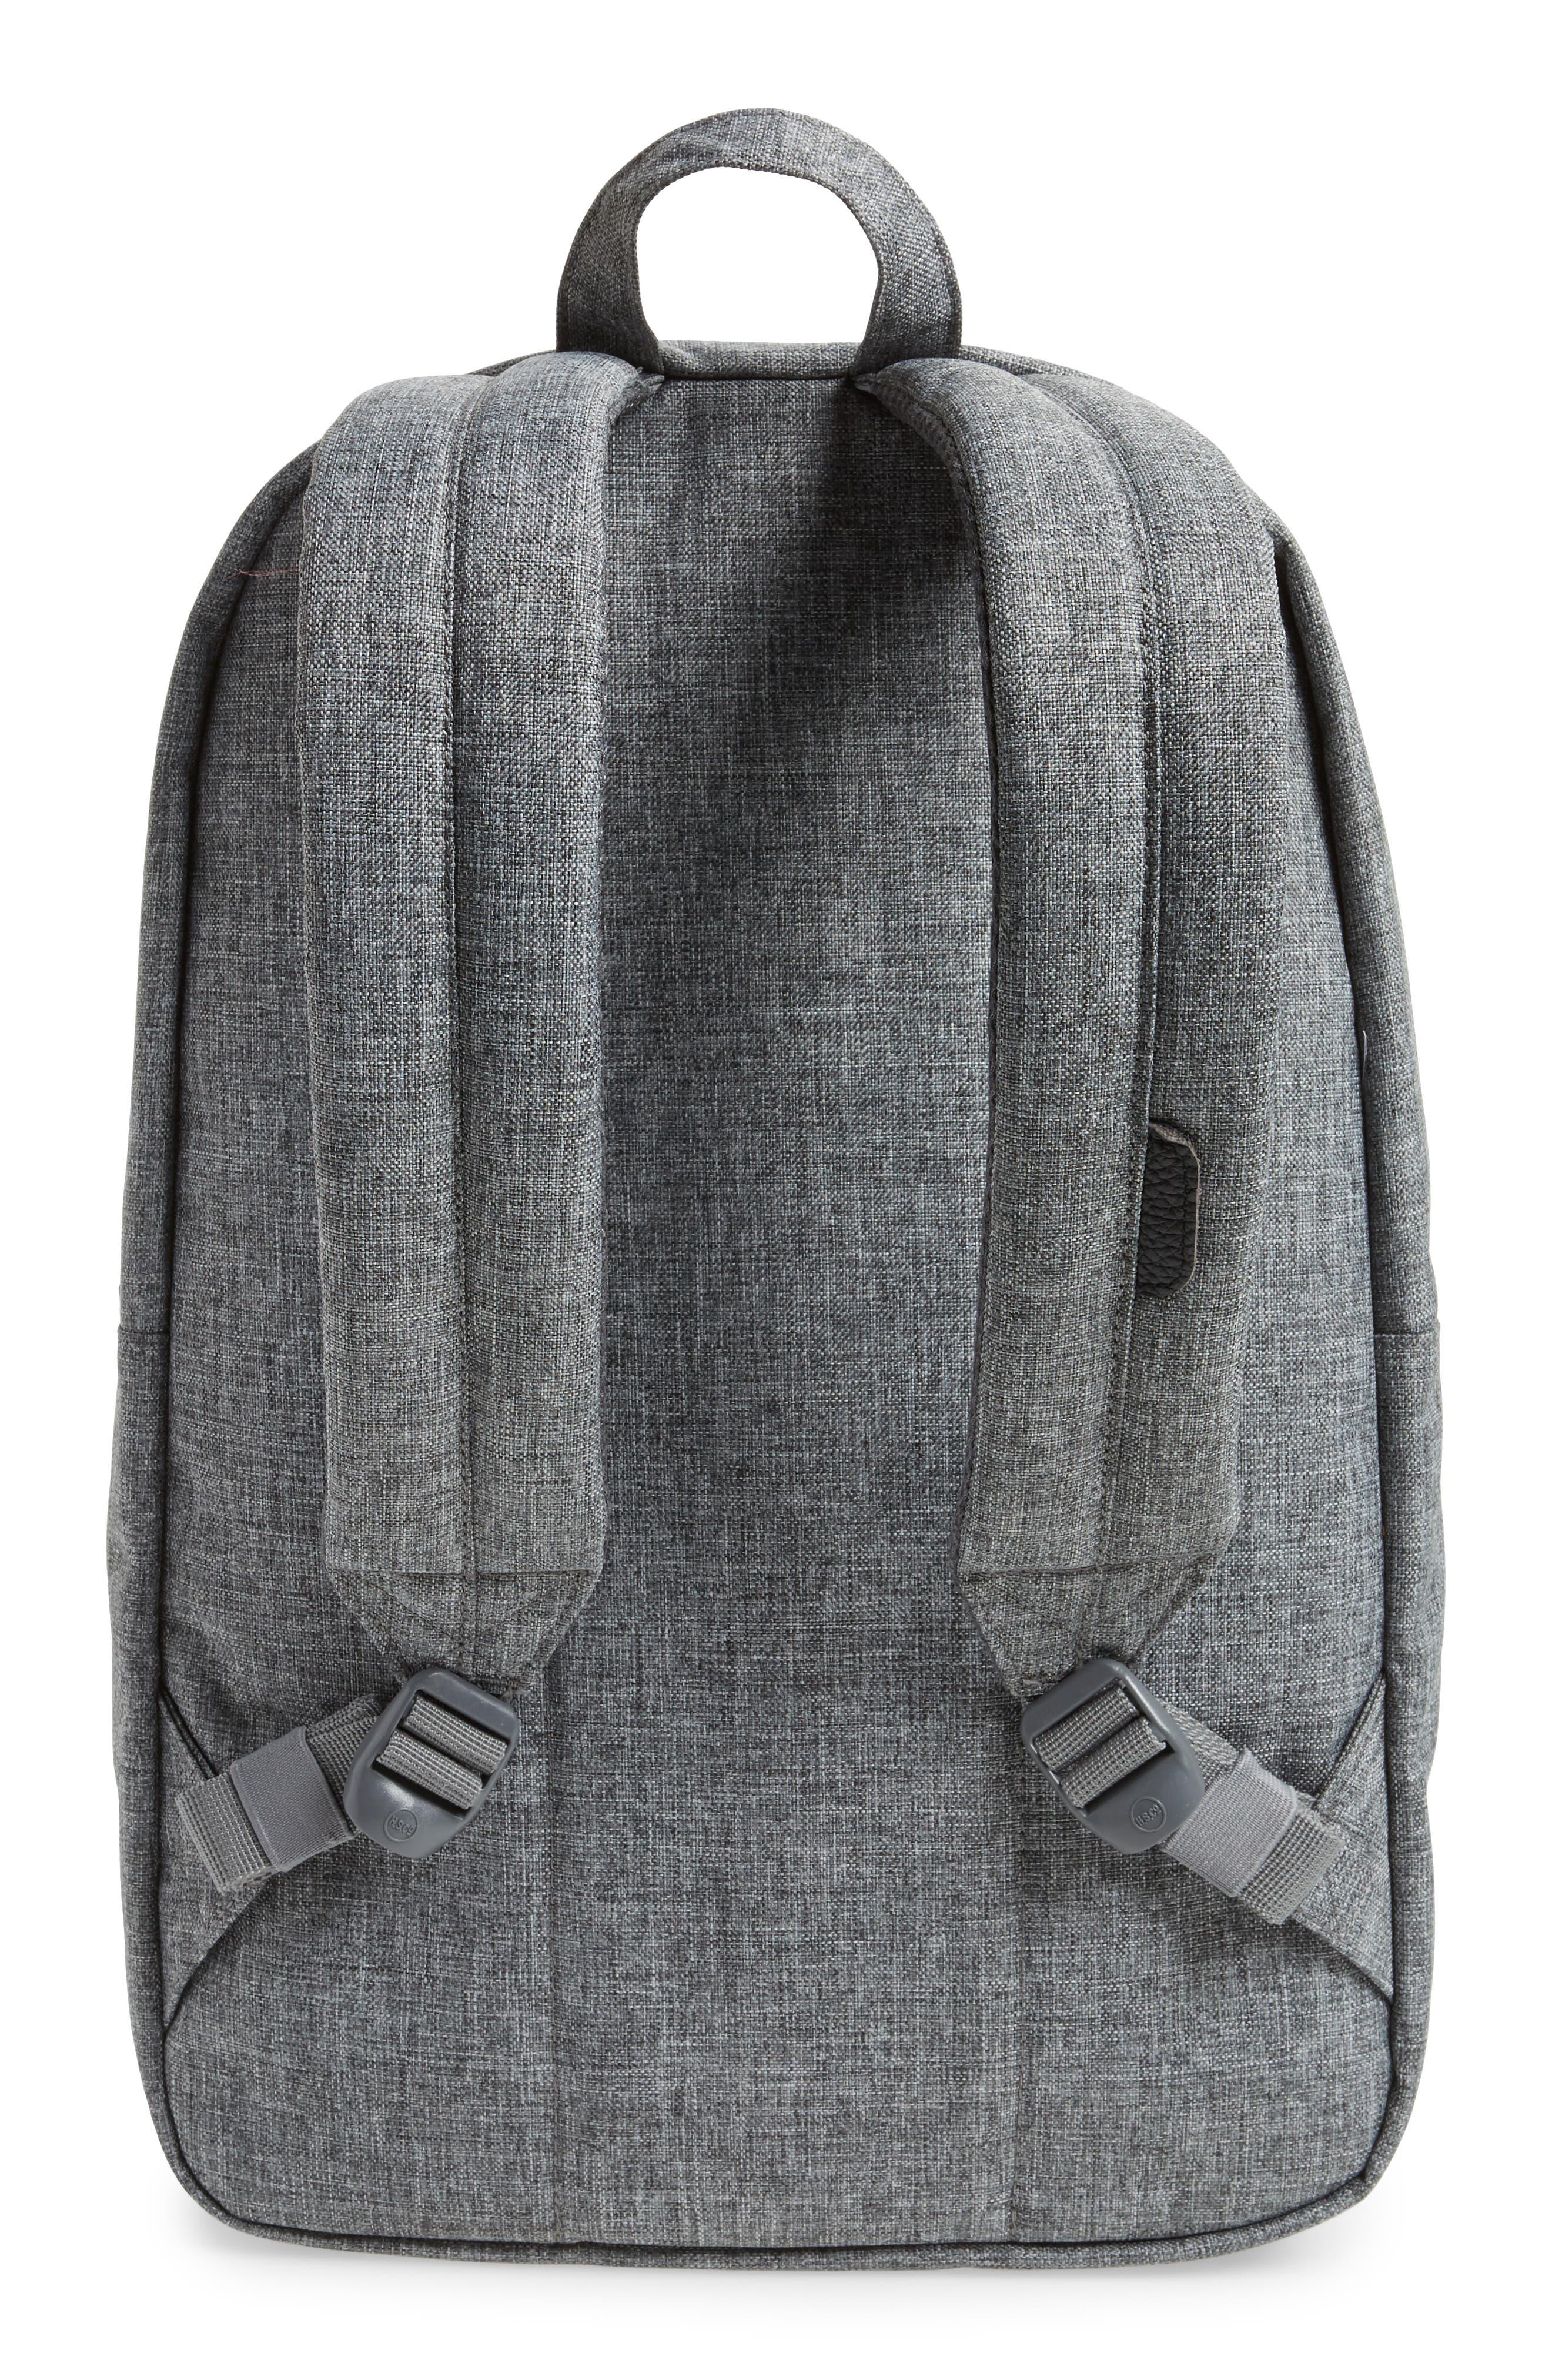 Heritage Backpack,                             Alternate thumbnail 3, color,                             Raven Crosshatch/ Black